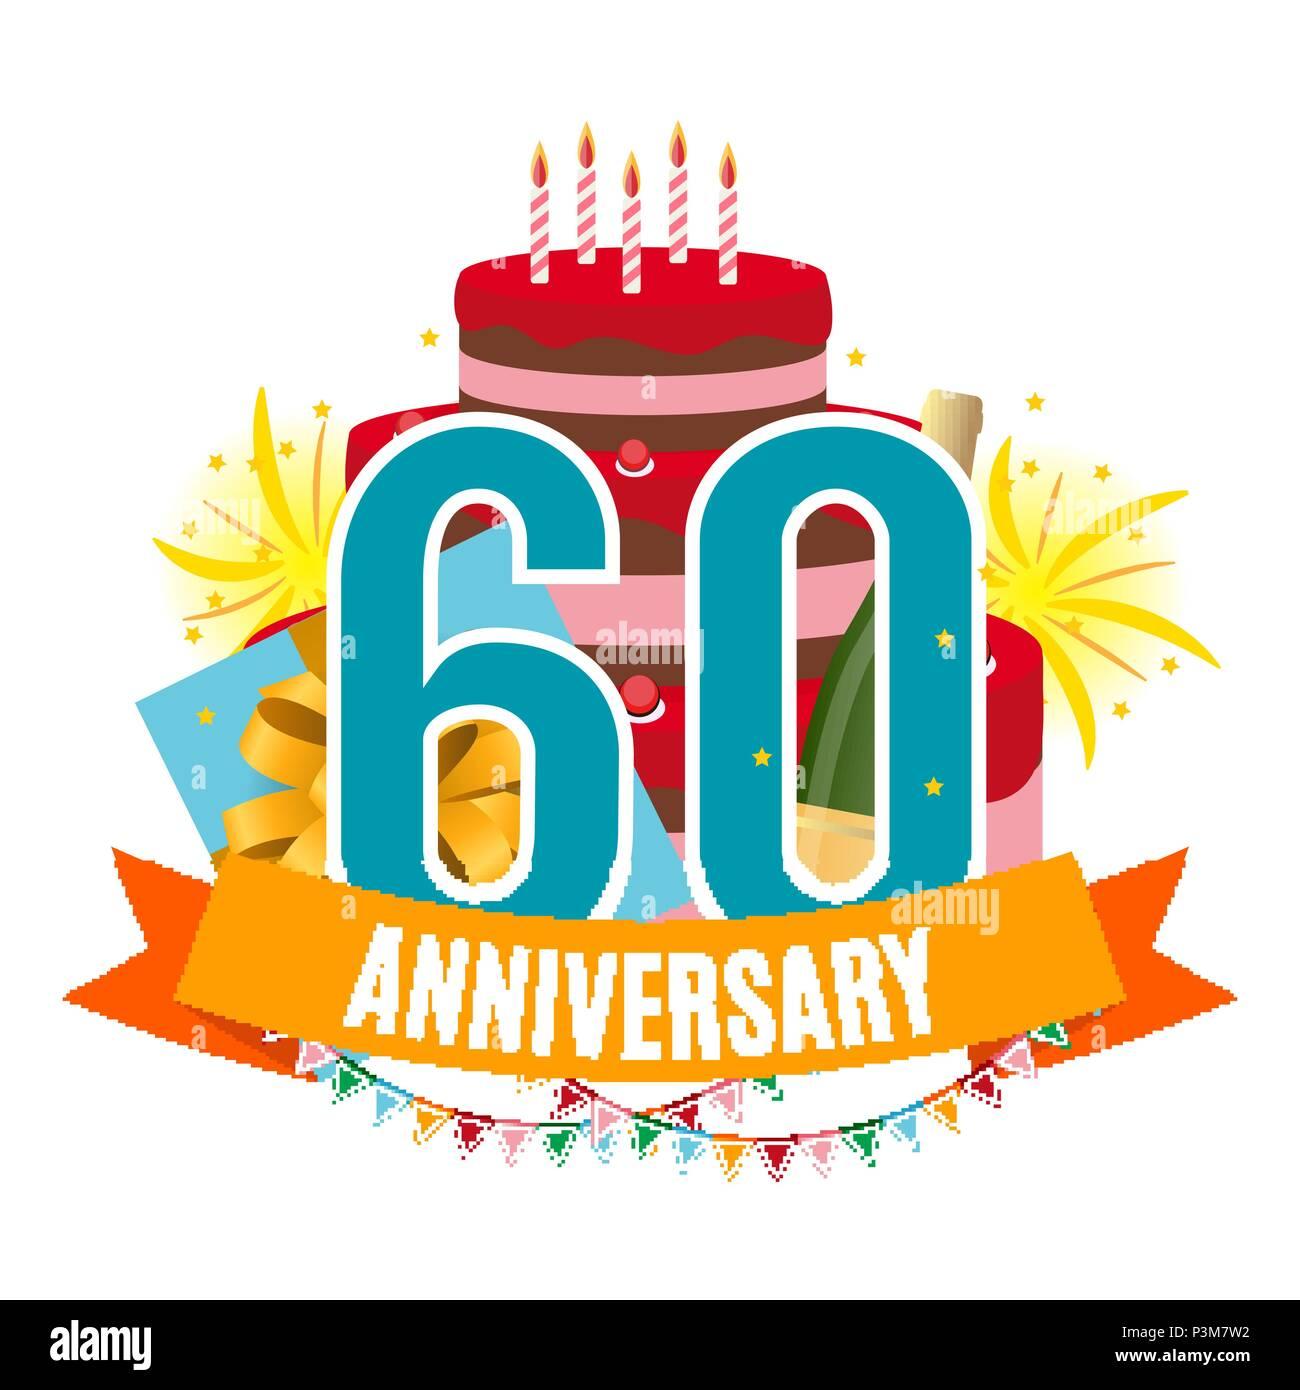 Modello 60 Anni Di Anniversario Congratulazioni Biglietto Di Auguri